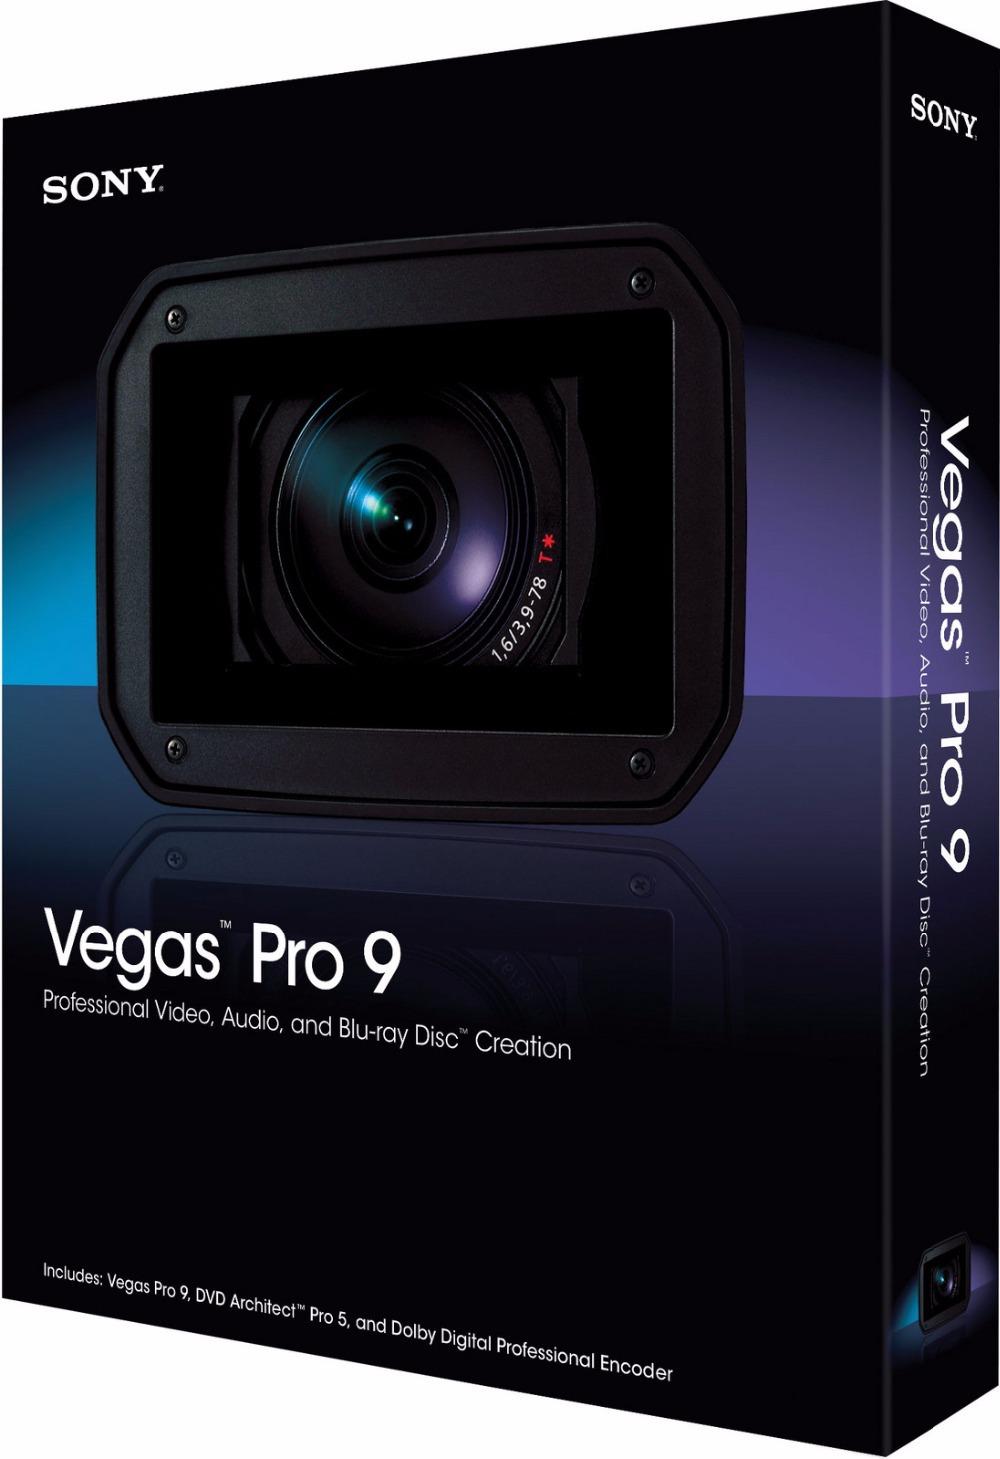 Профессиональное видео программное обеспечение для редактирования Vegas PRO V9.0 пк программное обеспечение английская версия полностью функциональна